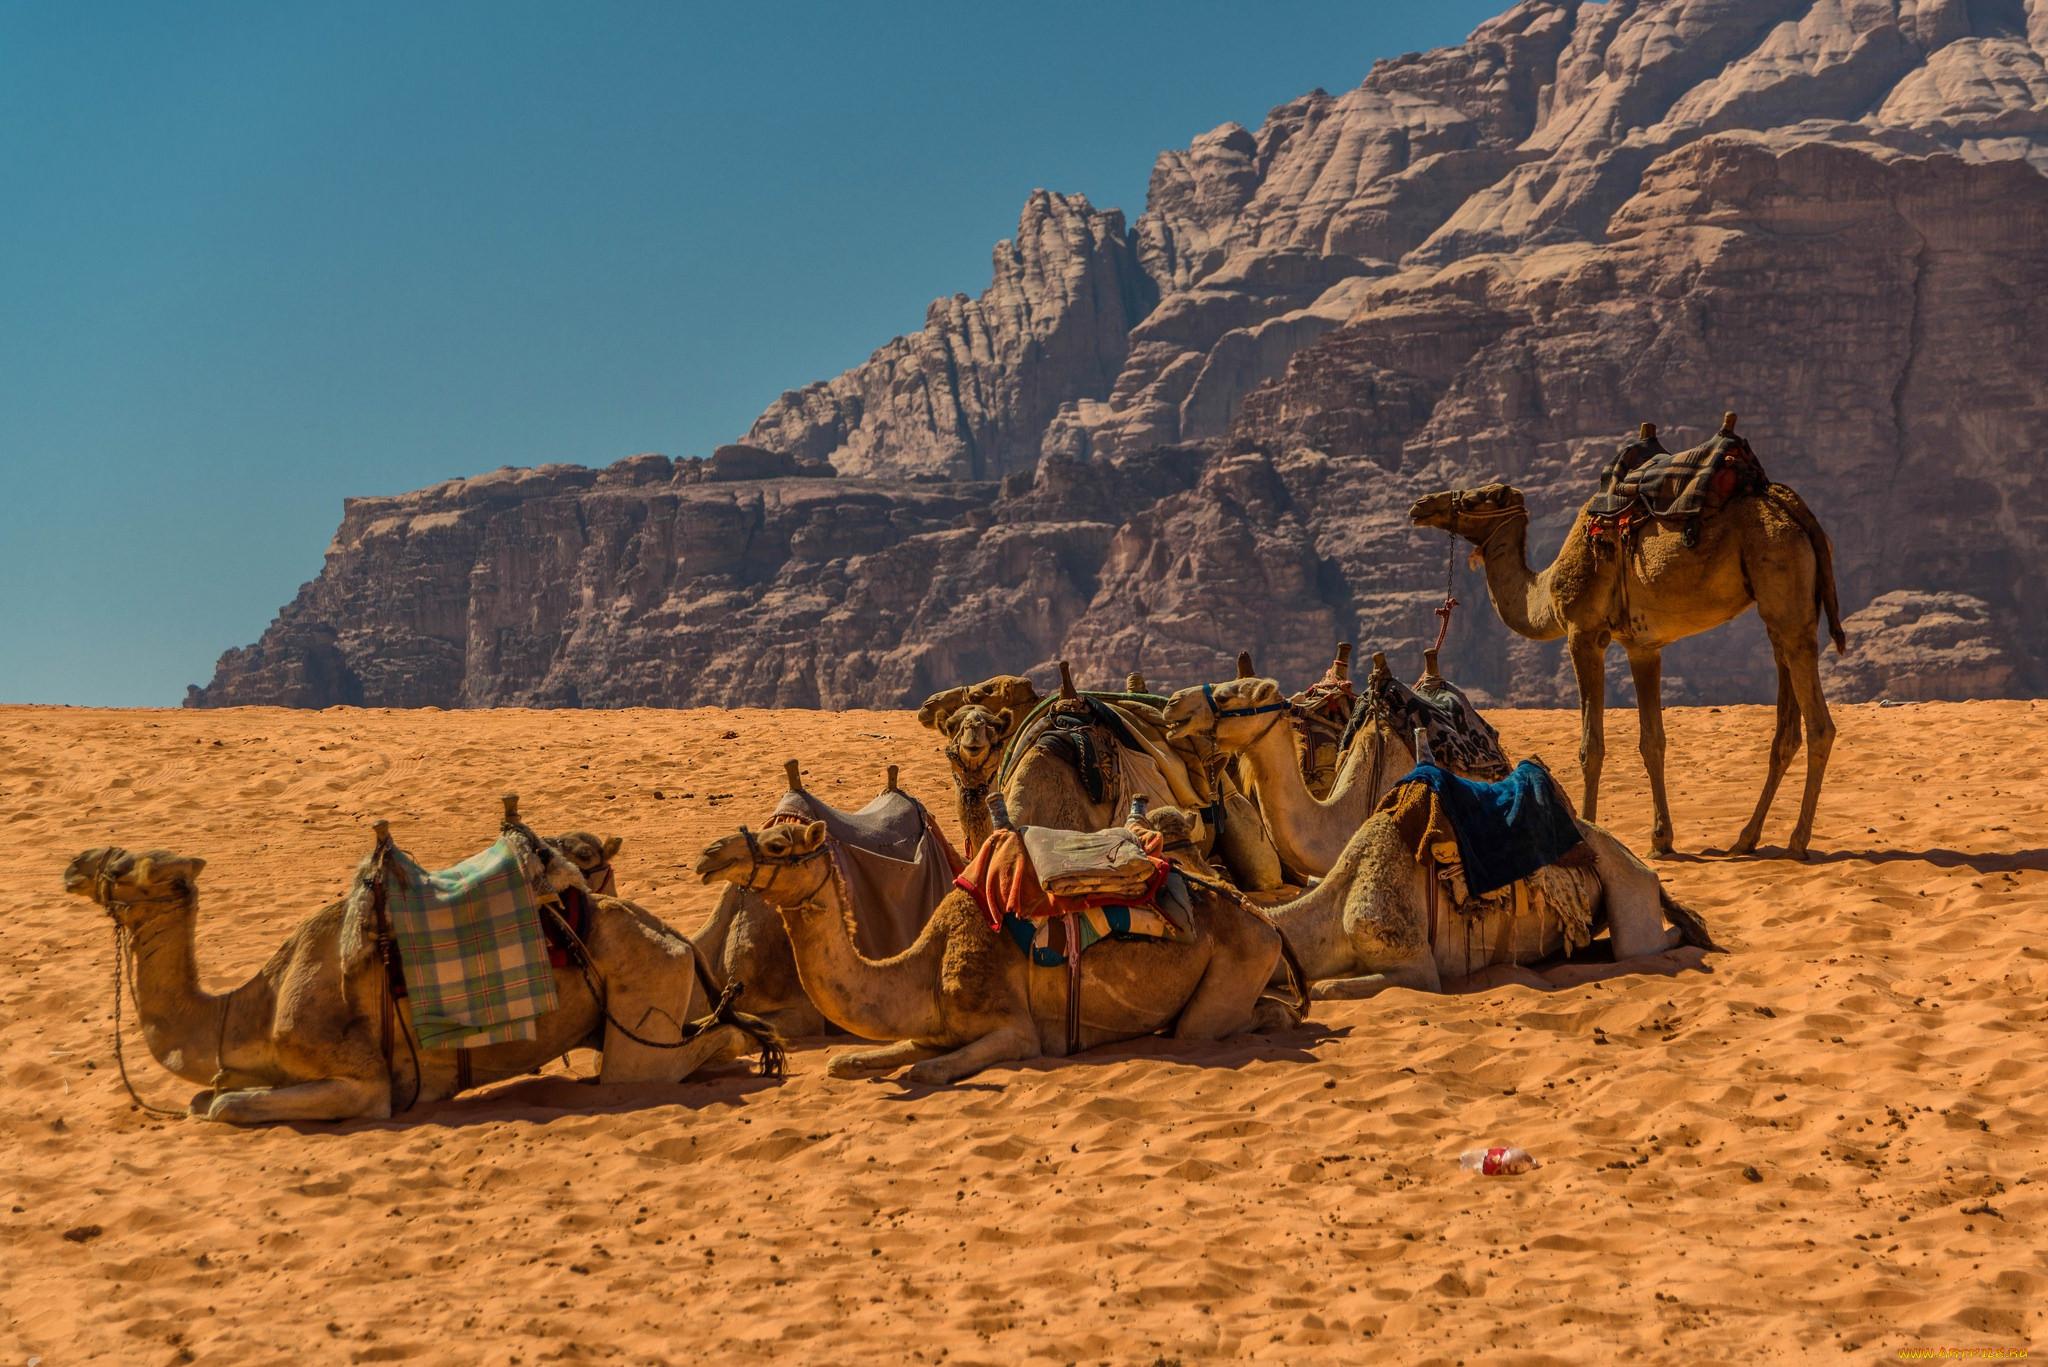 картинка верблюды корабли пустыни самом деле